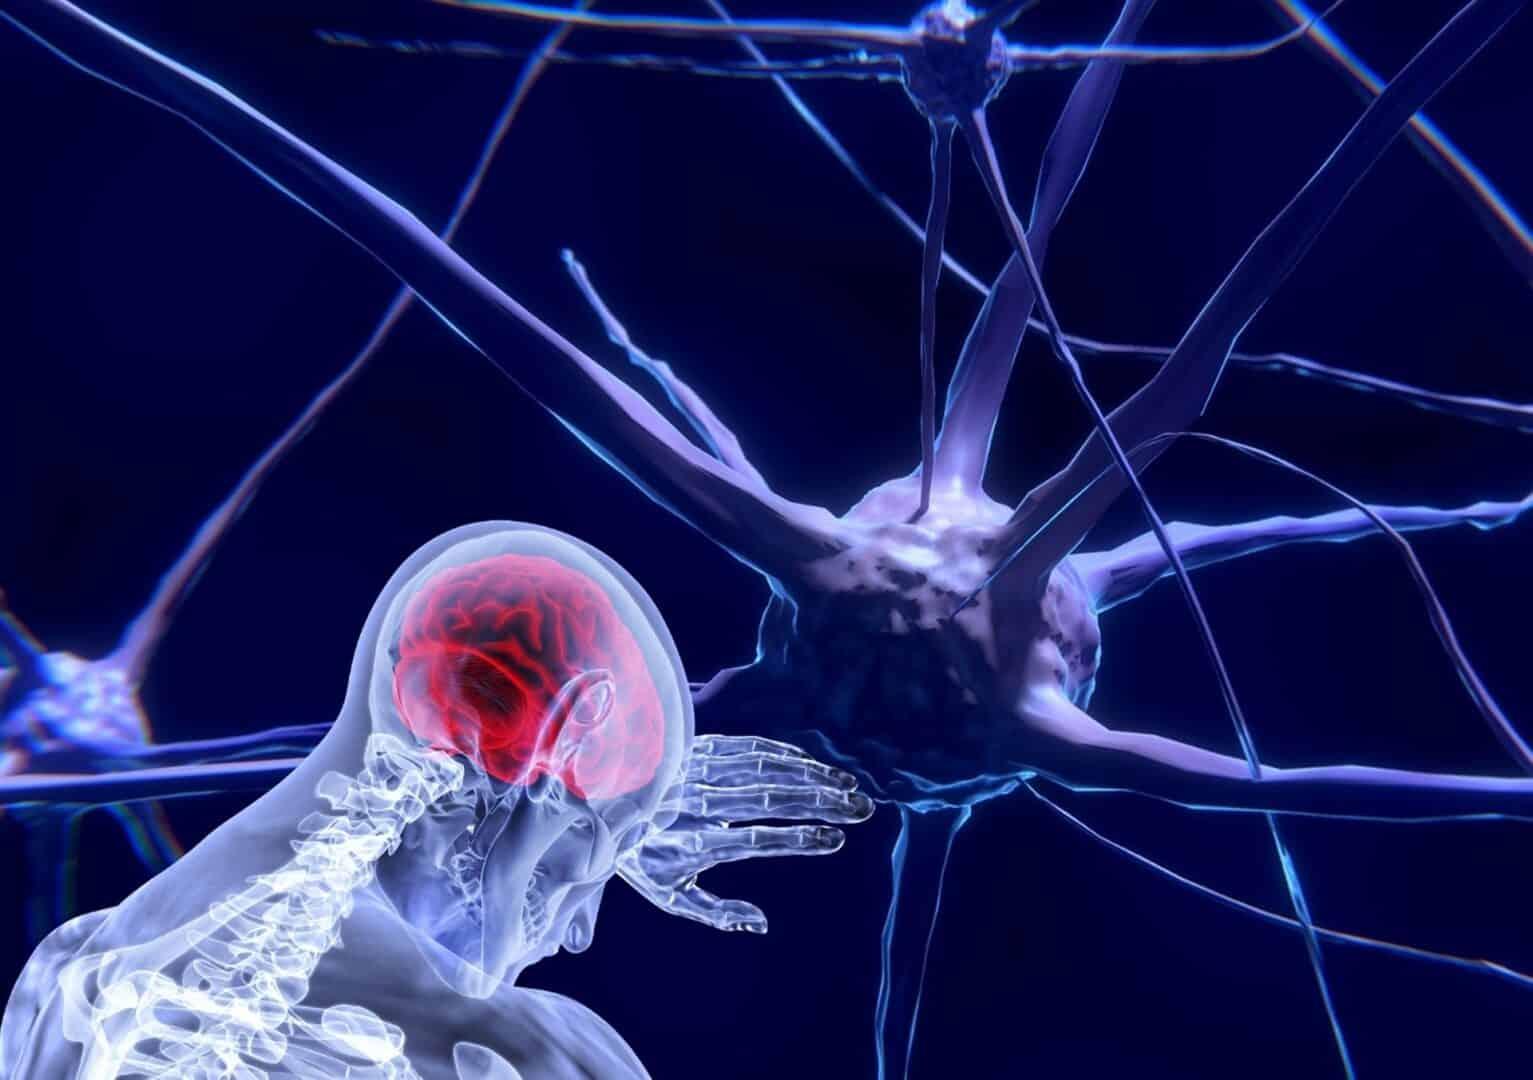 Die Digitalisierung aus dem Blick der Neurowissenschaft